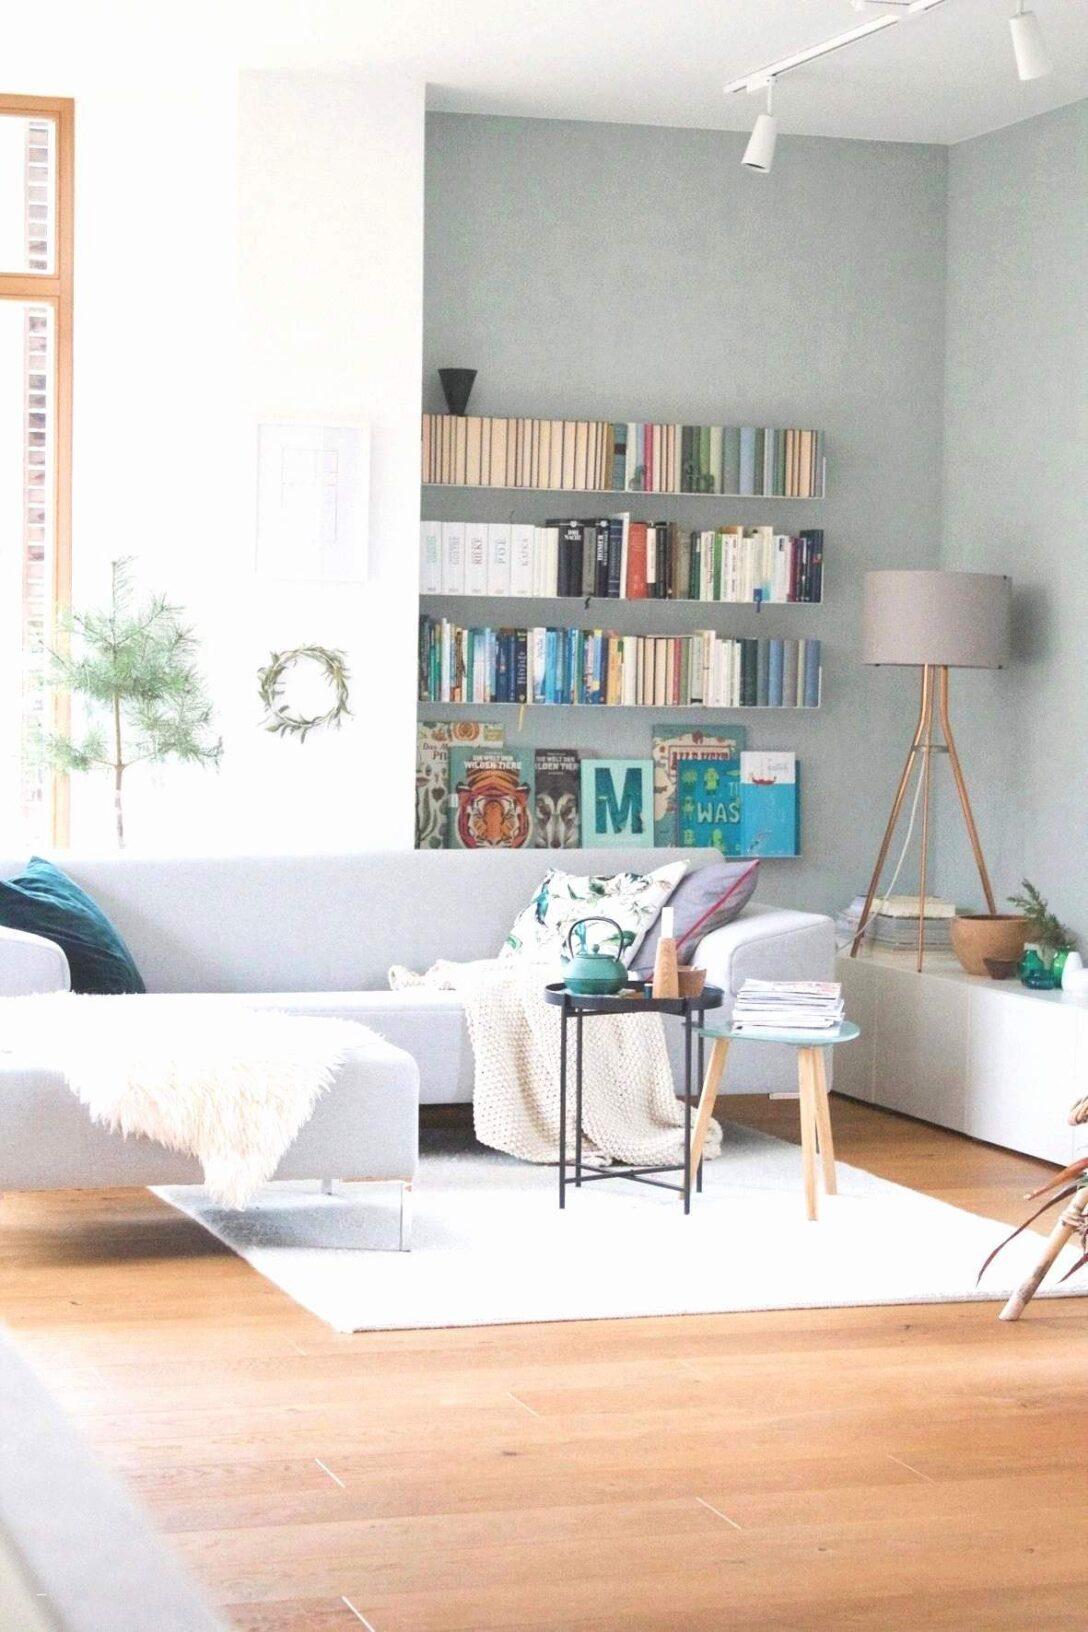 Large Size of Deckenspots Wohnzimmer Genial 33 Luxus Beige Frisch Beleuchtung Heizkörper Sideboard Led Decken Deckenlampe Schrankwand Hängeleuchte Bilder Modern Tapeten Wohnzimmer Deckenspots Wohnzimmer